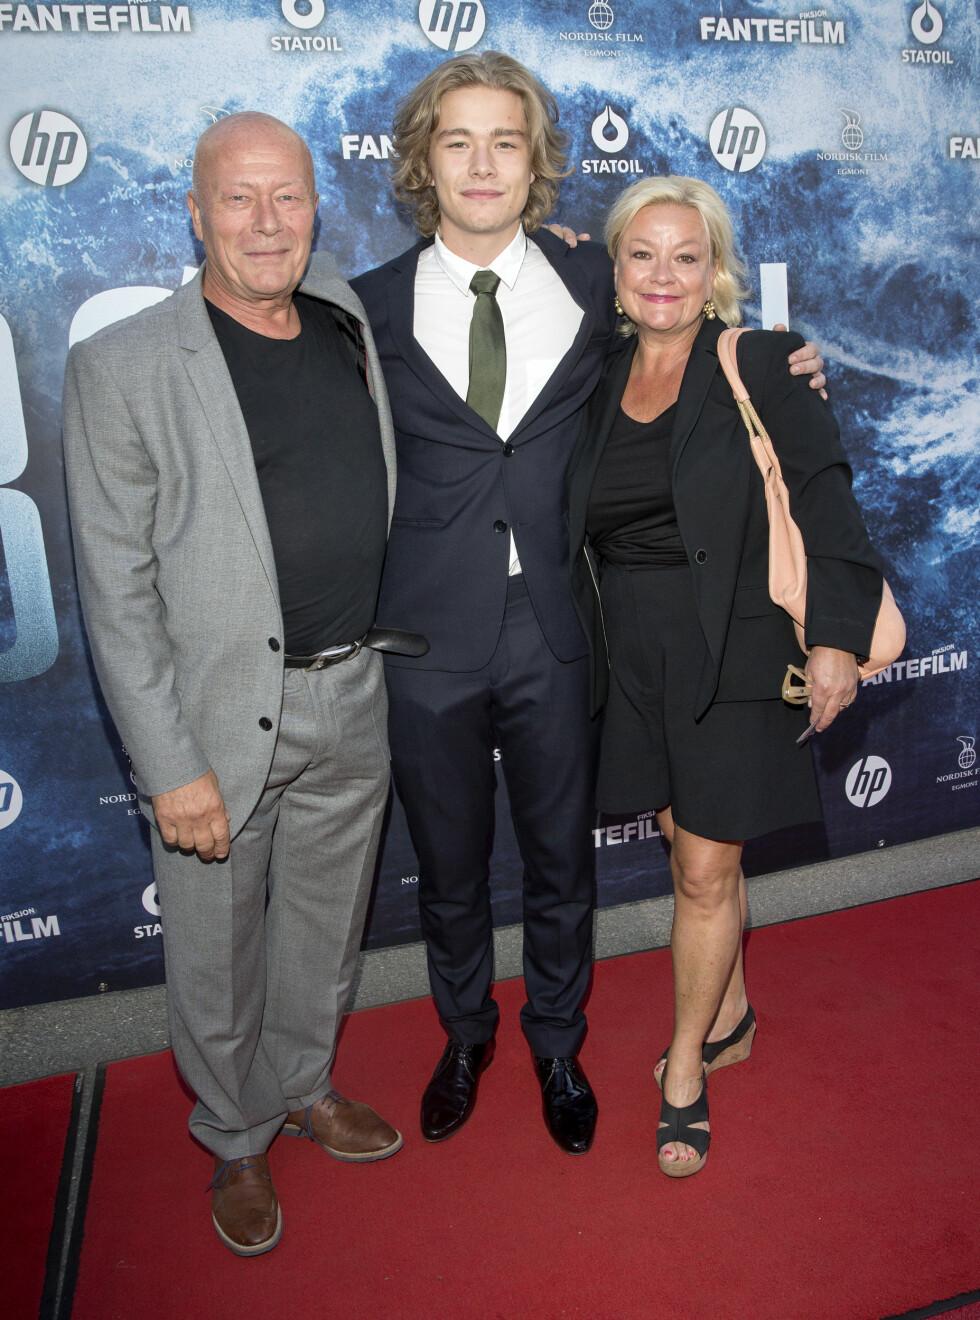 FLOTT GJENG: Både Nils Ole Oftebro, Anette Hoff og sønnen Jonas er skuespillere. I fjor hadde Jonas en av hovedrollene i den norske katastrofefilmen «Bølgen». Hans profilerte foreldrene var selvsagt med på premieren.  Foto: Andreas Fadum/ Se og Hør